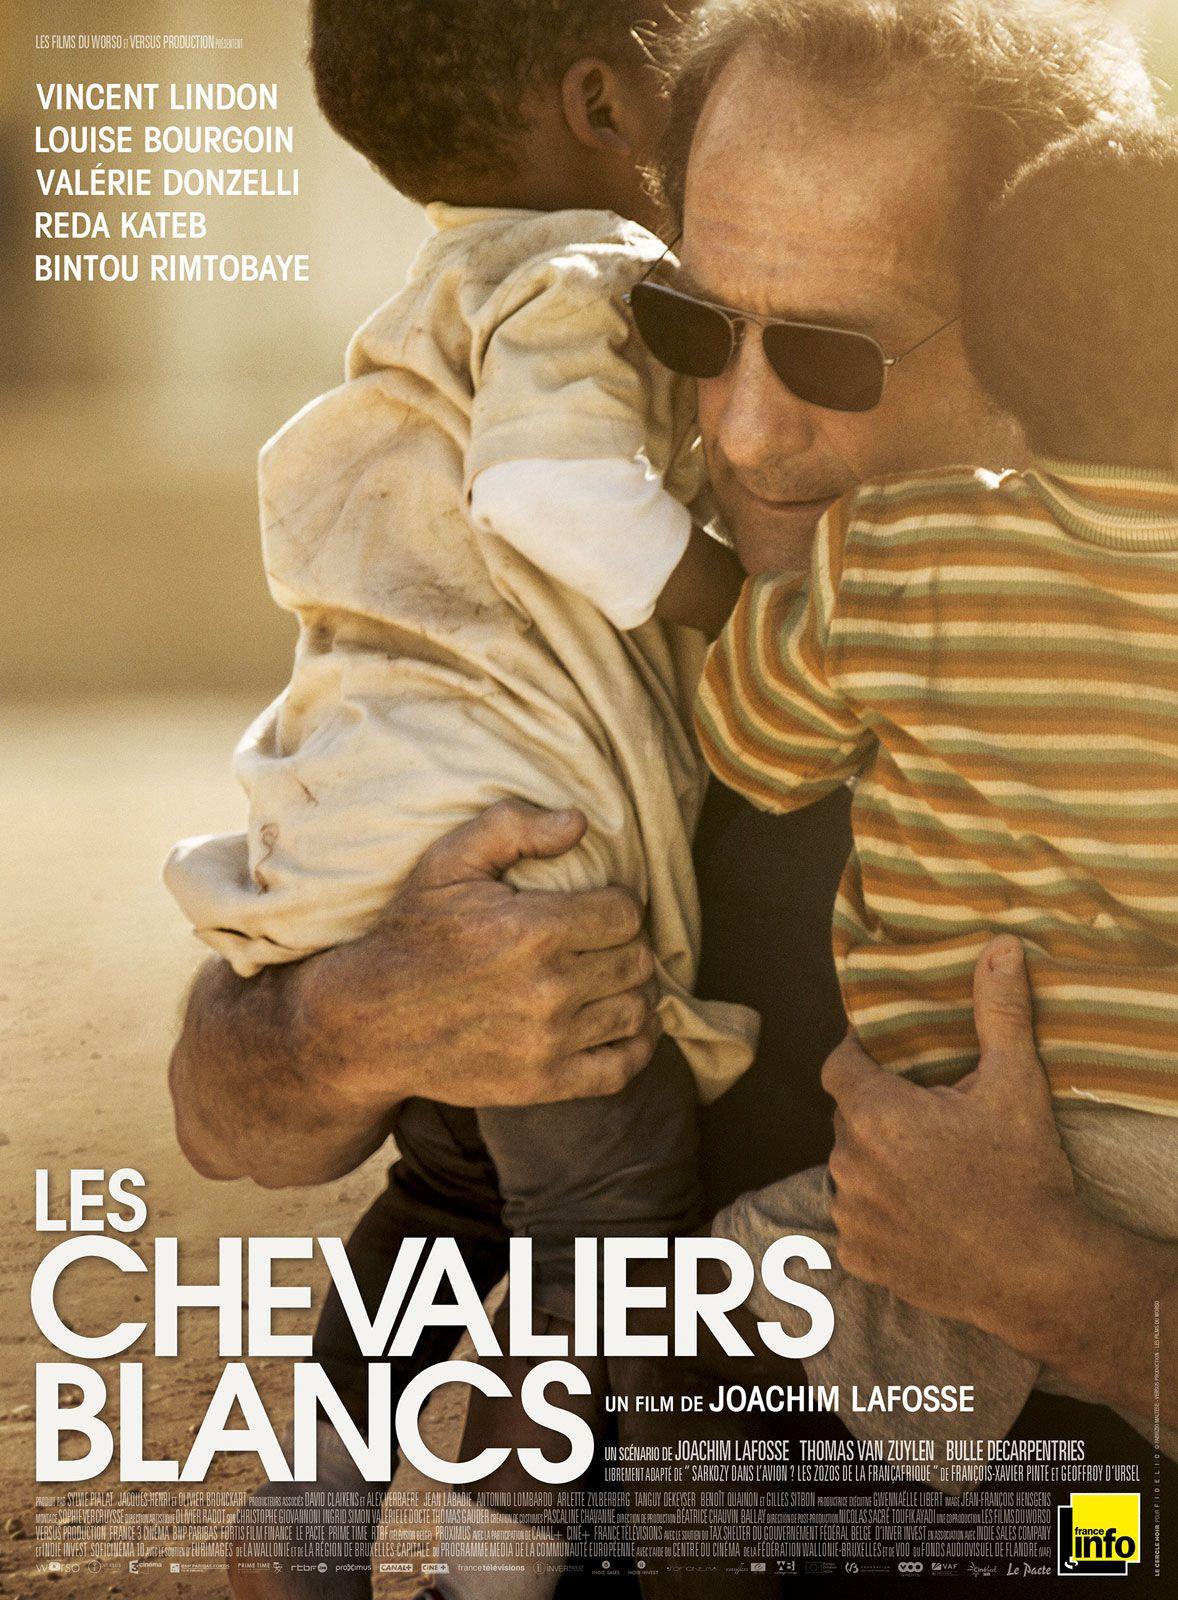 Les Chevaliers blancs - Film (2016)